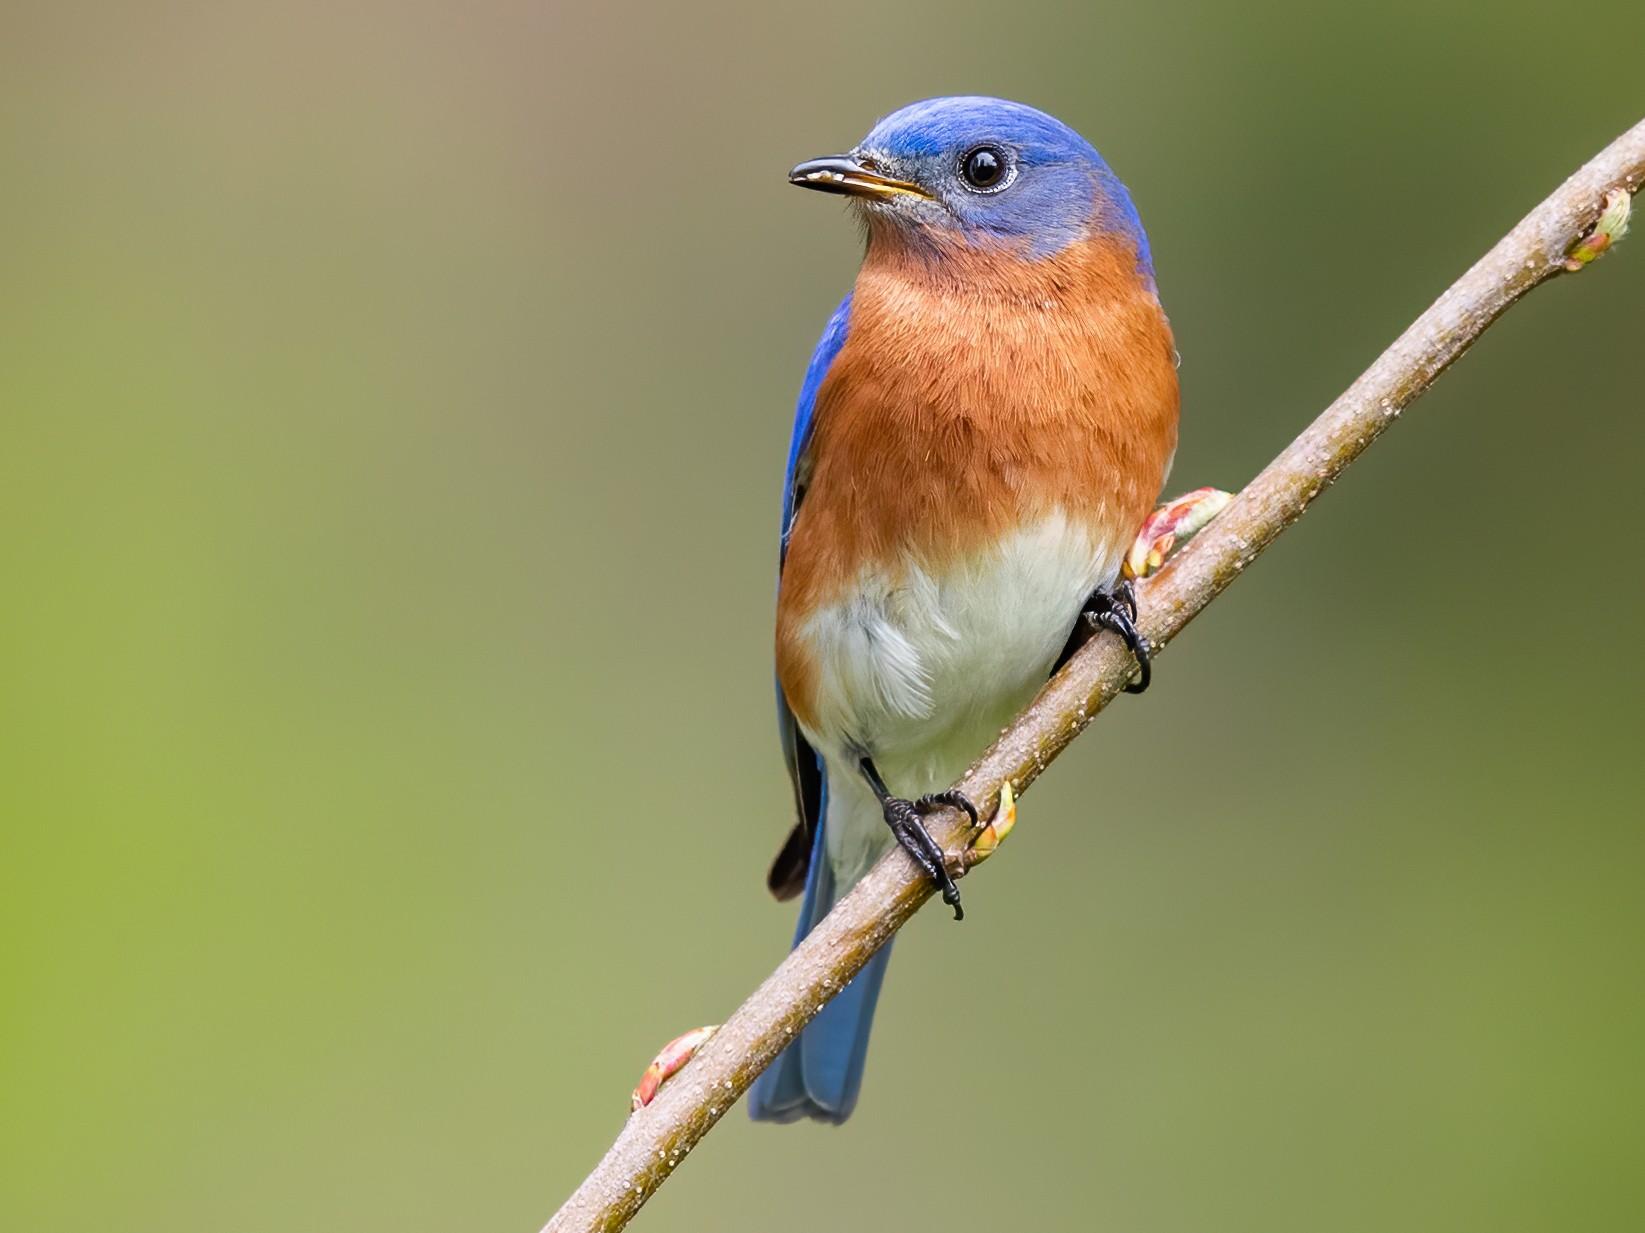 Eastern Bluebird - Brad Imhoff